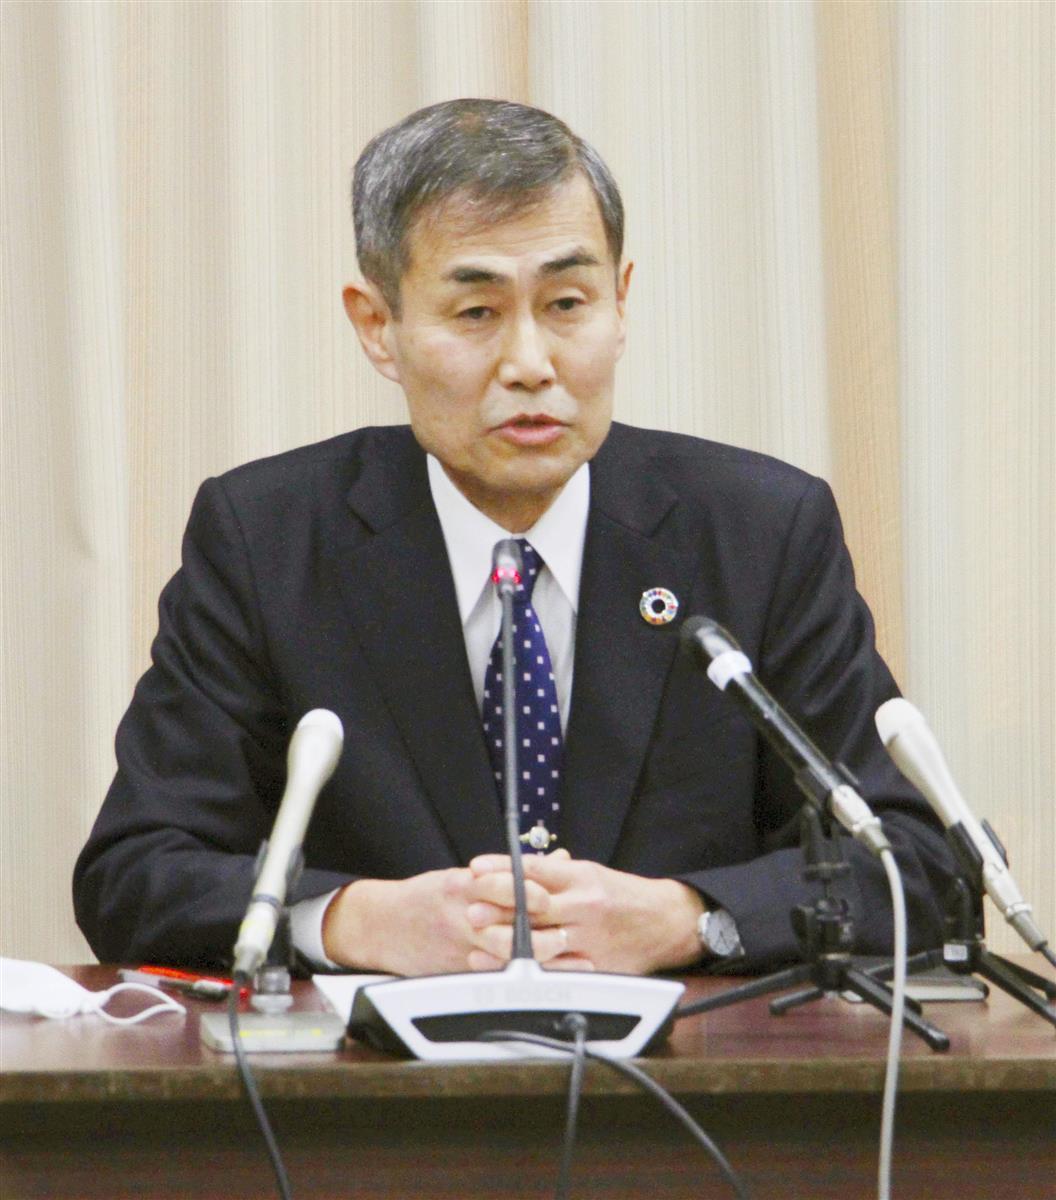 浜松医科大との統合計画の延期について説明する静岡大の石井潔学長=29日午前、静岡市の同大